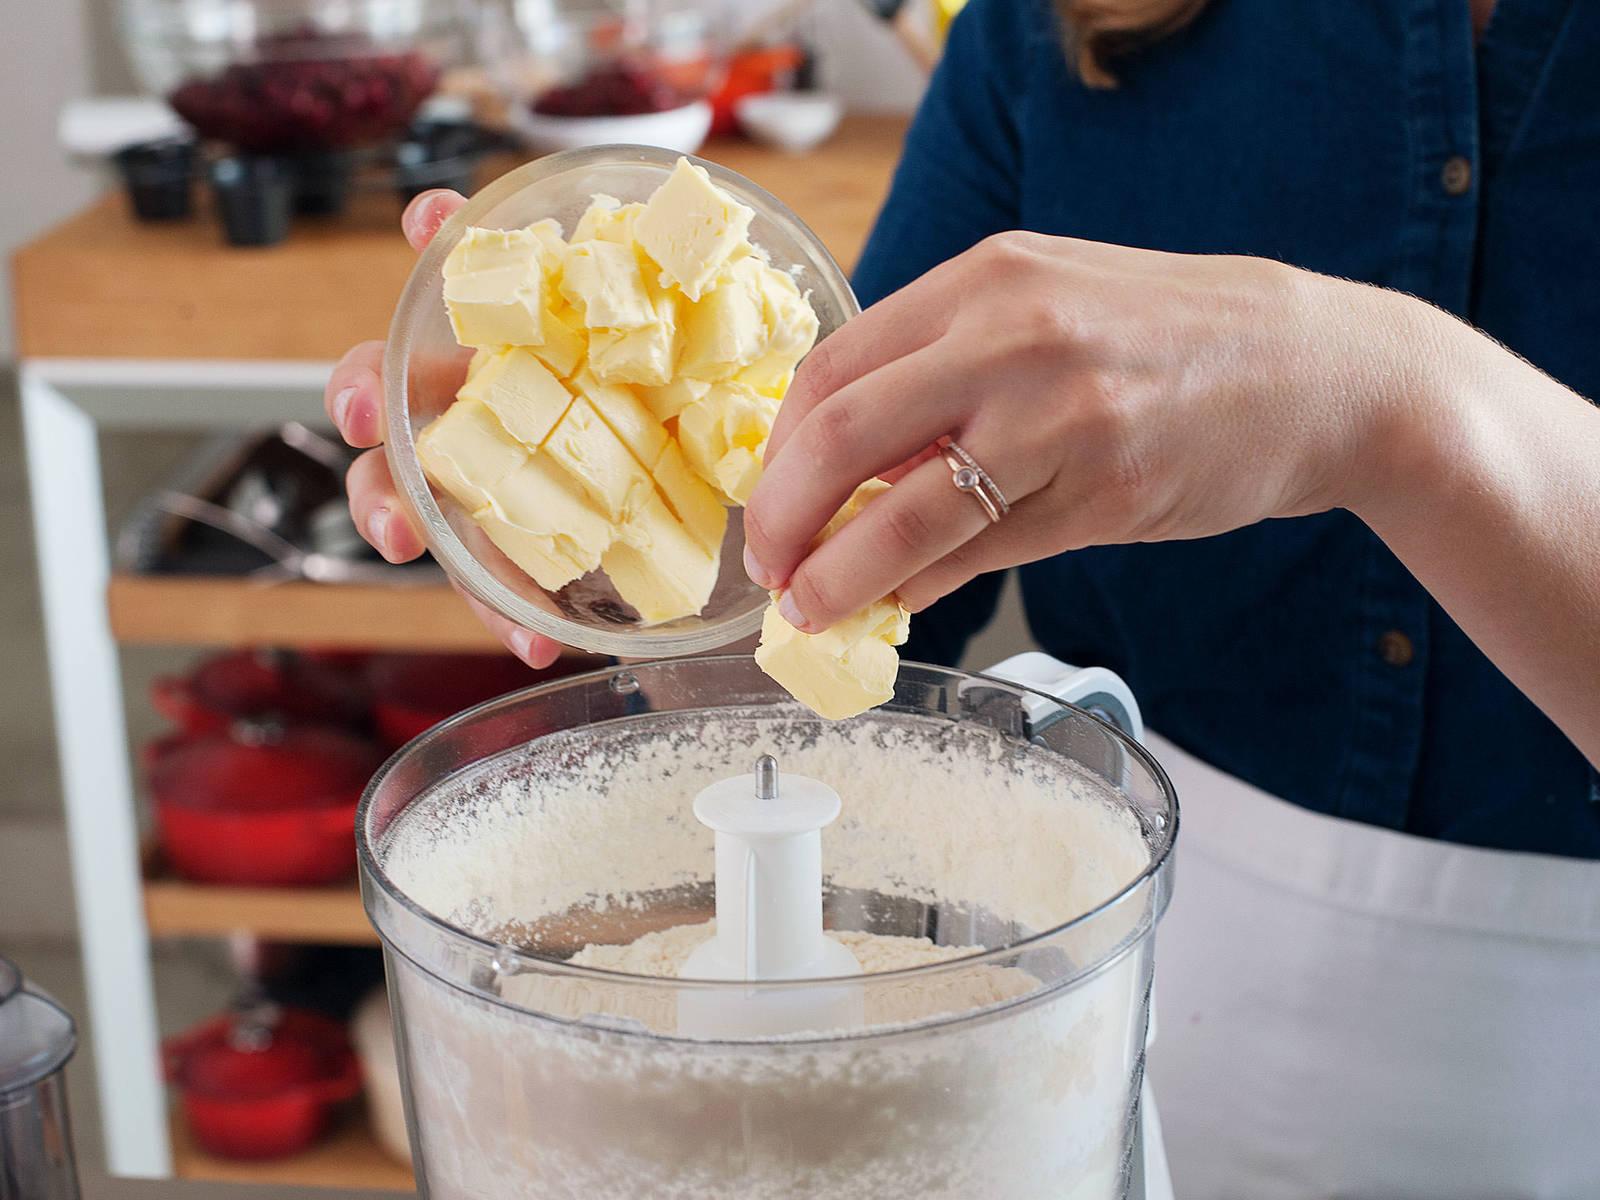 Für den Pie-Teig Mehl, einen Teil des Zuckers und einen Teil des Salzes vermengen. Butter dazugeben und mit den Händen oder einem Zerkleinerer verkneten, bis sich große Streusel bilden. Eine Mulde in die Mitte des Teig formen und nach und nach Eiswasser hineingießen. Dabei den Teig mit den Händen vermengen, bis das Wasser vollständig eingearbeitet ist und sich ein Streuselteig gebildet hat. Falls der Teig zu trocken ist, mehr Wasser dazugeben, am besten einen Esslöffel nach dem anderen.